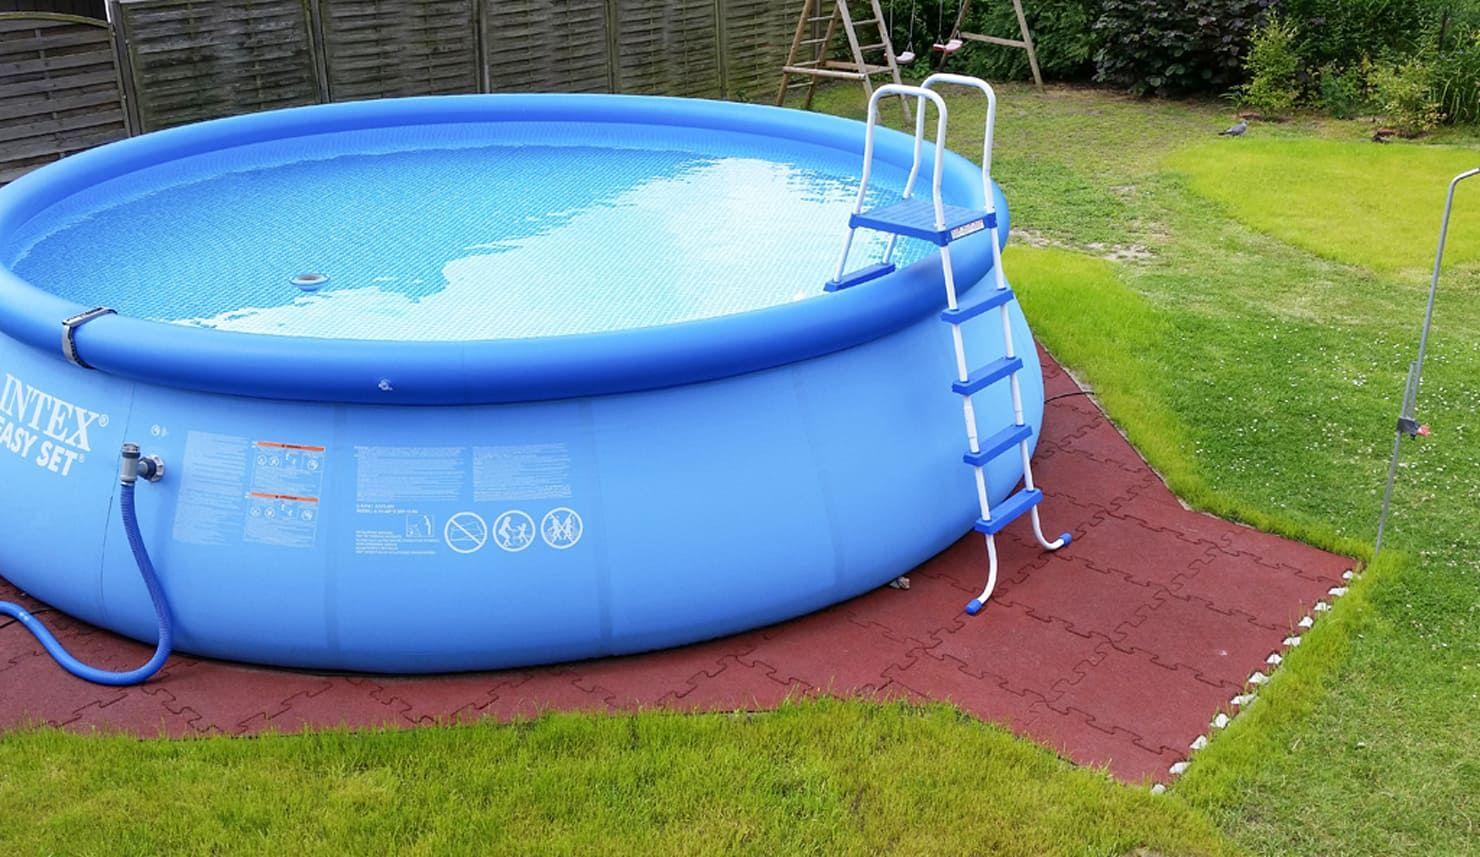 22 Mini Pools Die Sich Fantastisch In Deinem Garten Machen Teil 1 Homify Pool Unterlage Diy Schwimmbad Hinterhof Pool Landschaftsbau